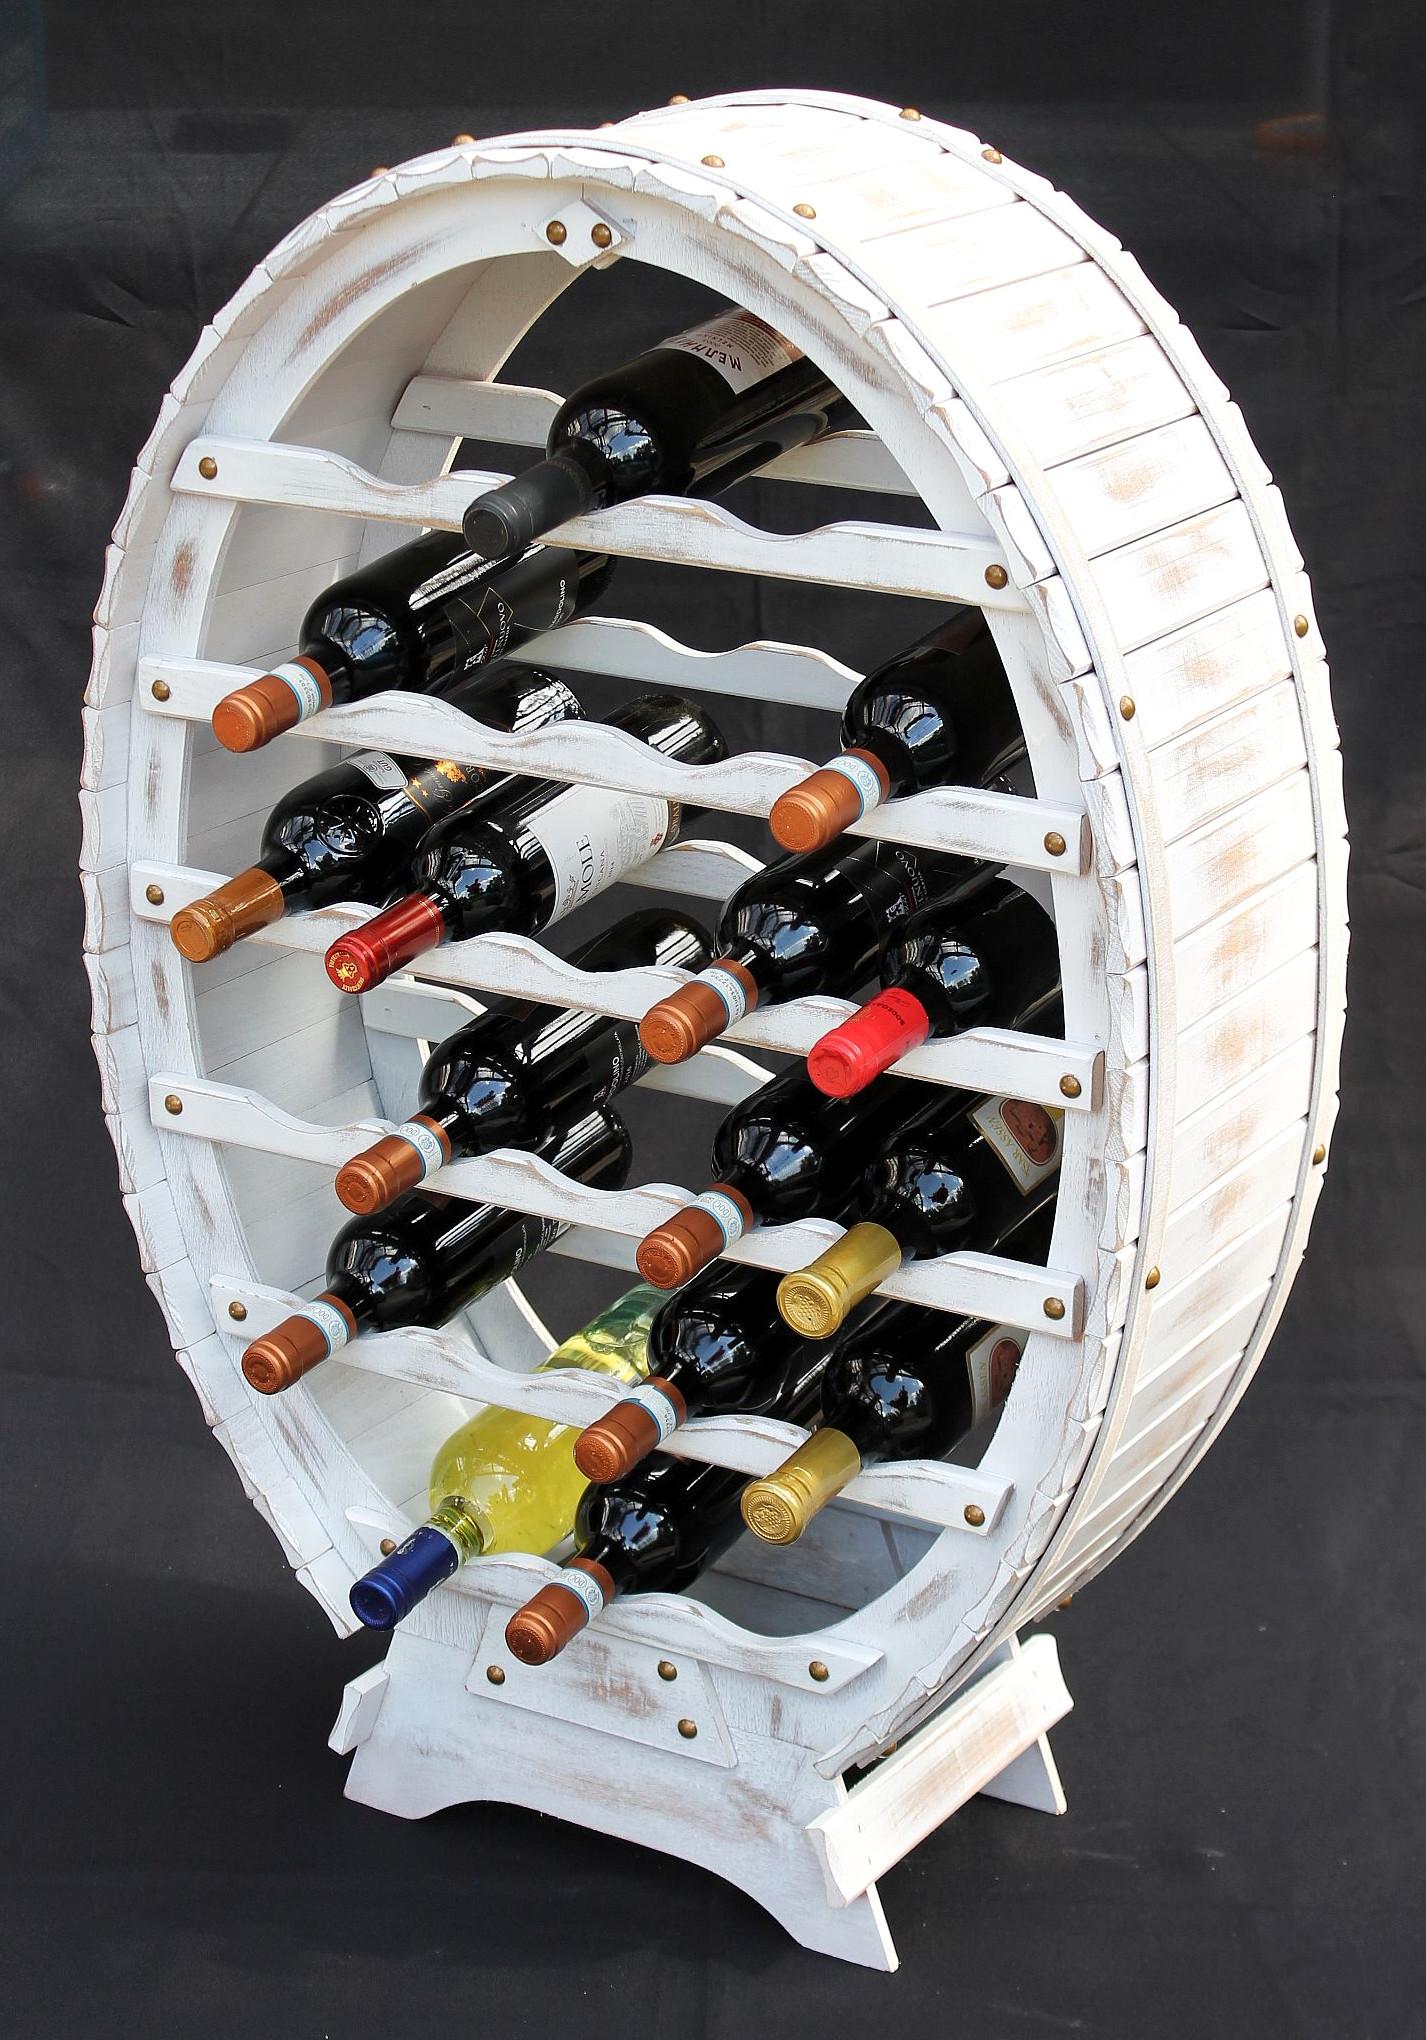 weinregal holz weiss weinfass flaschenregal 24 flaschen. Black Bedroom Furniture Sets. Home Design Ideas